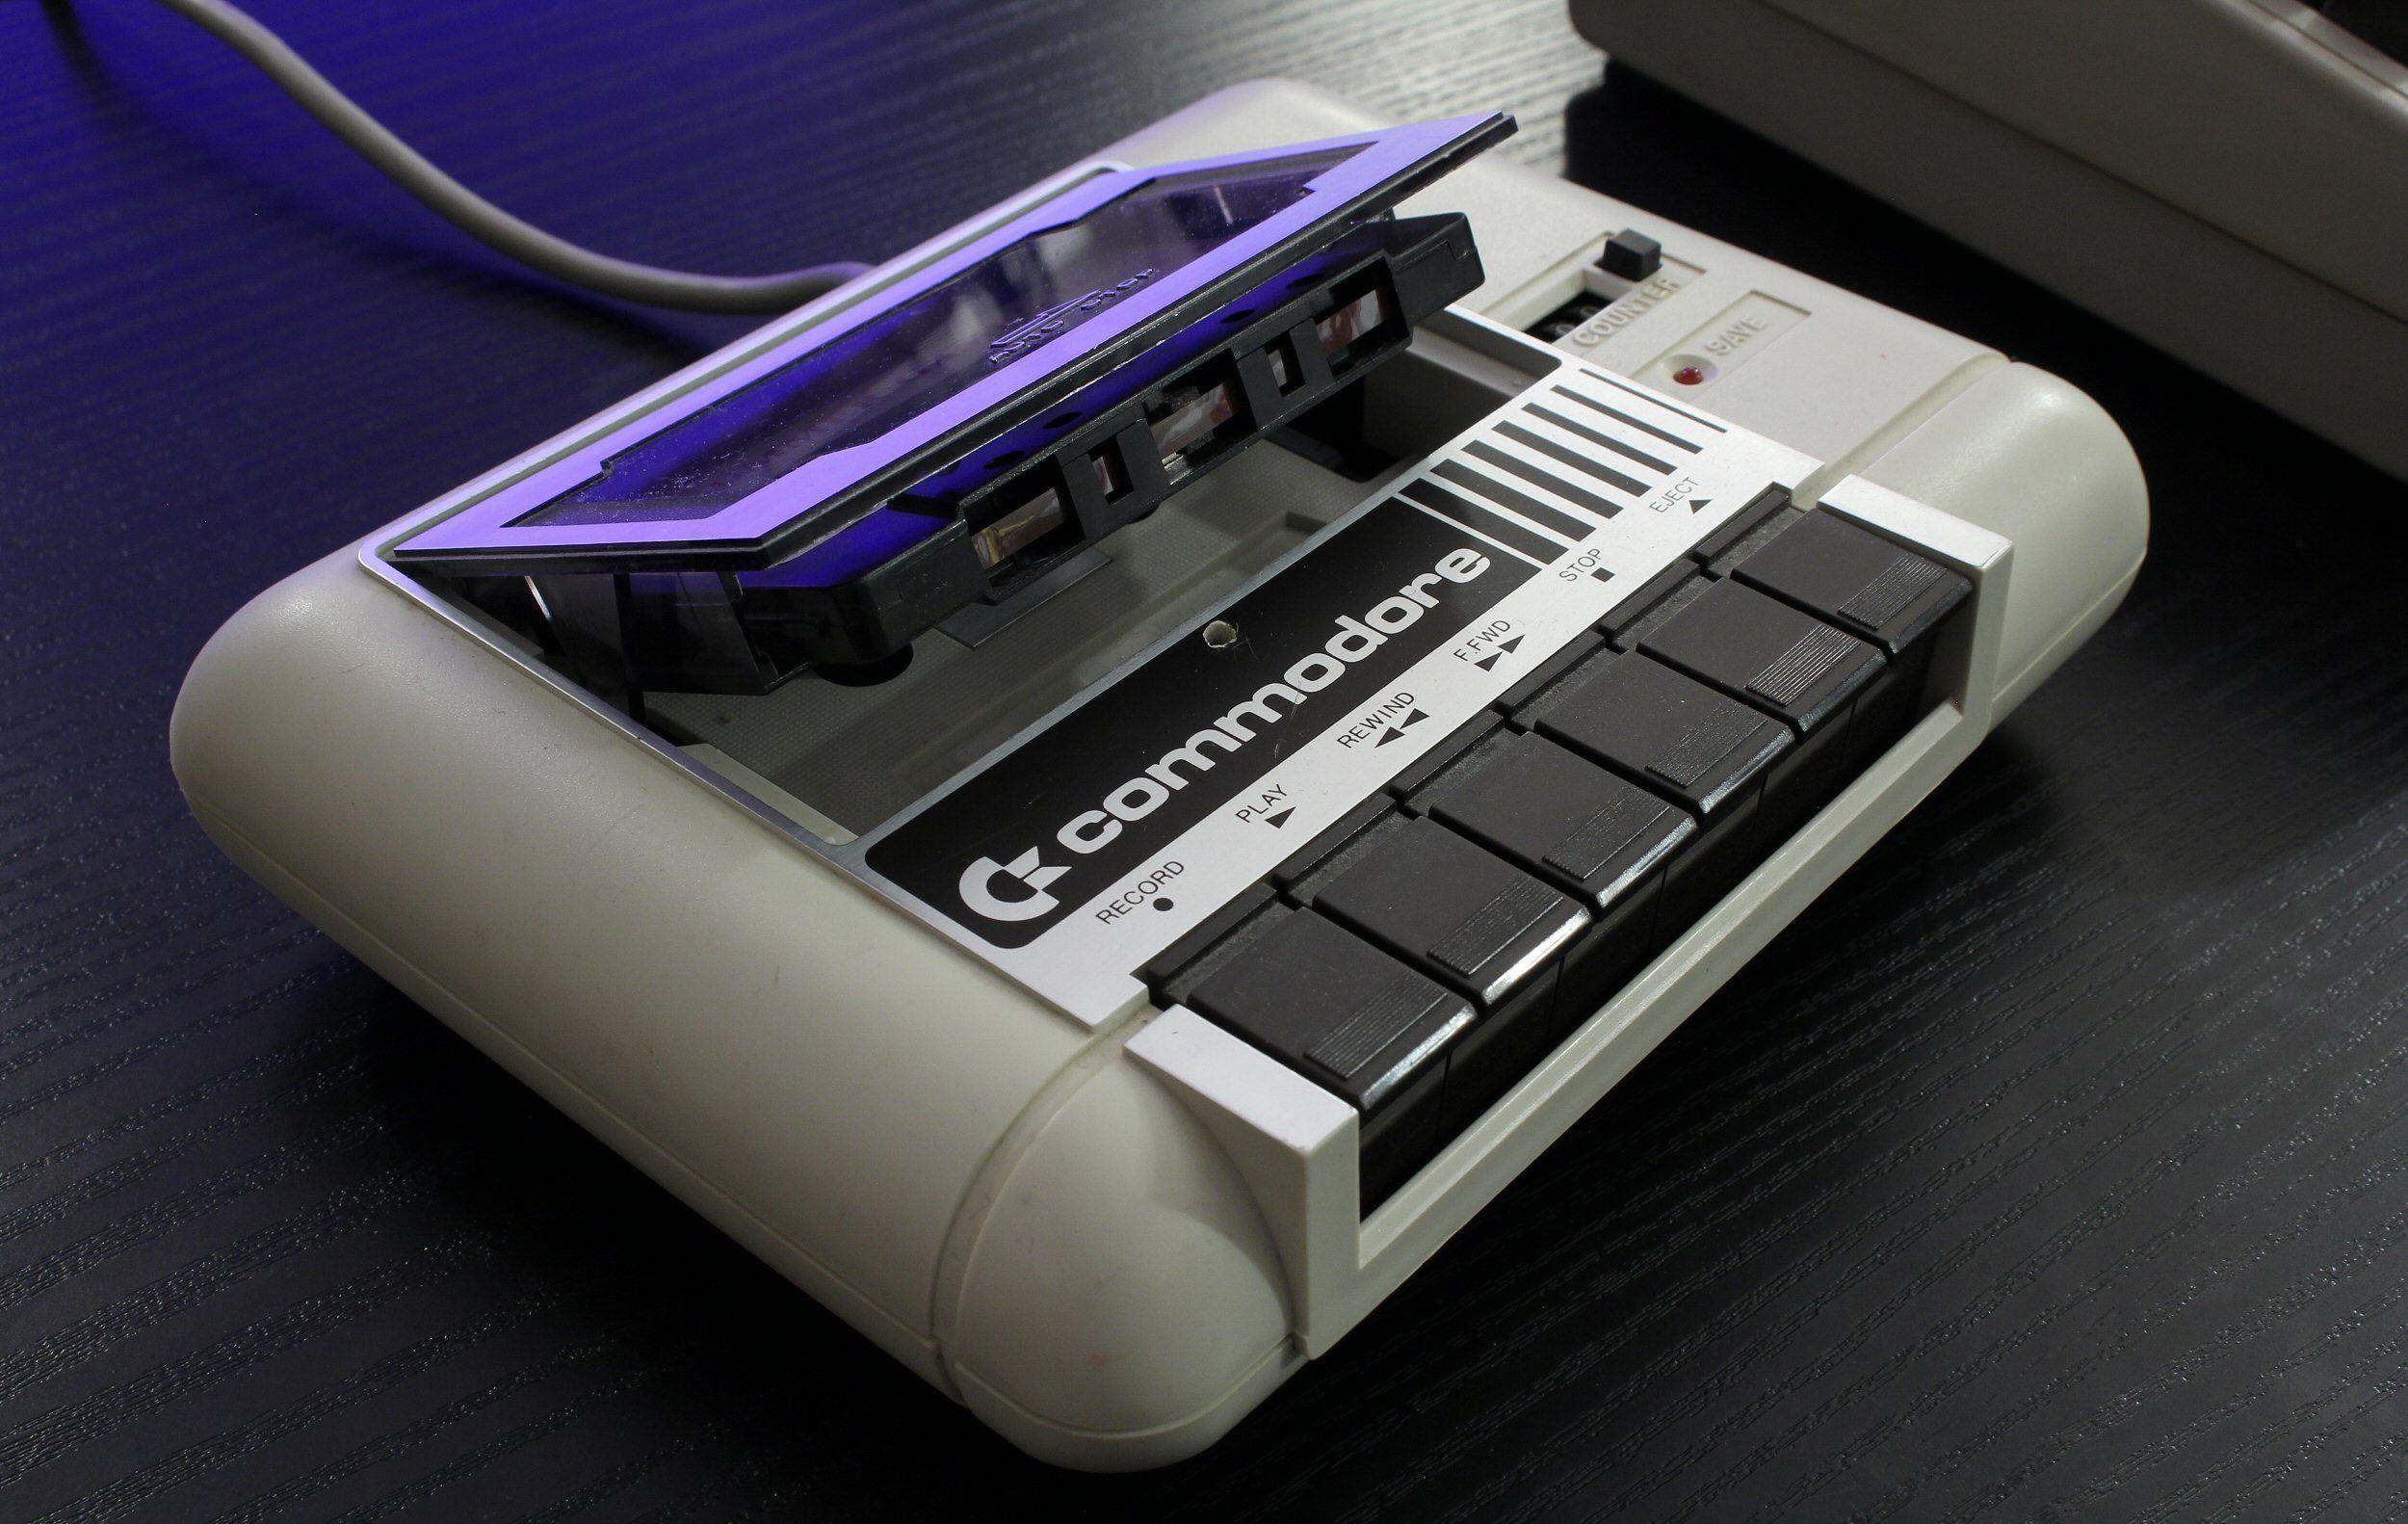 Kassettspilleren: Commodore 1530 Datasette. Foto: Vegar Jansen, Tek.no